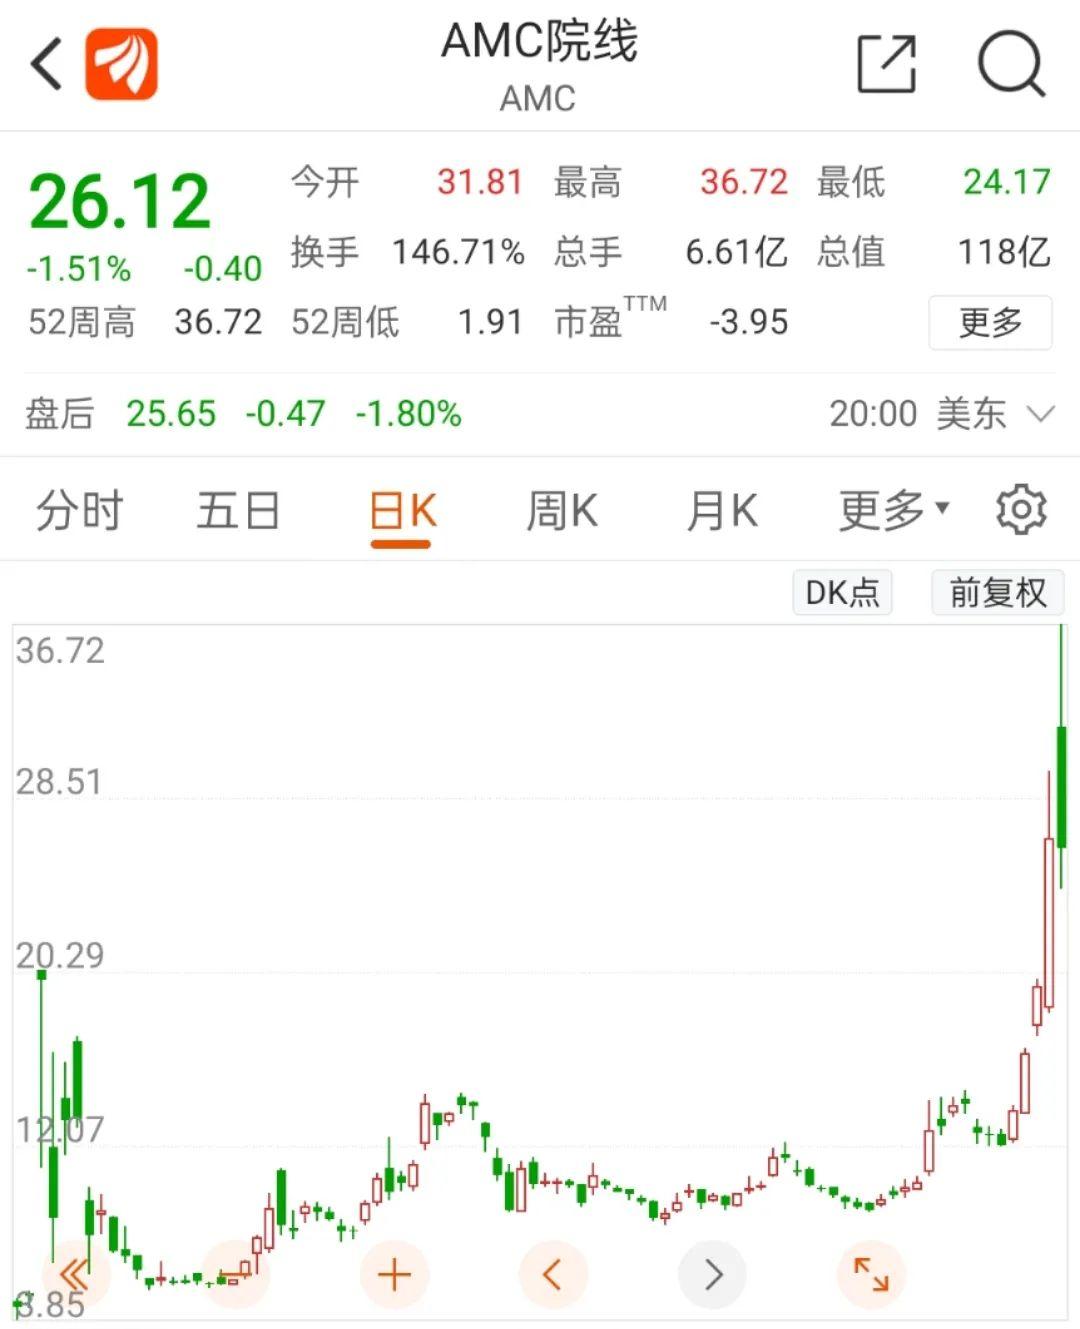 散户又赢了?华尔街大空头爆亏509亿AMC院线暴涨1132%!王健林也被卖了